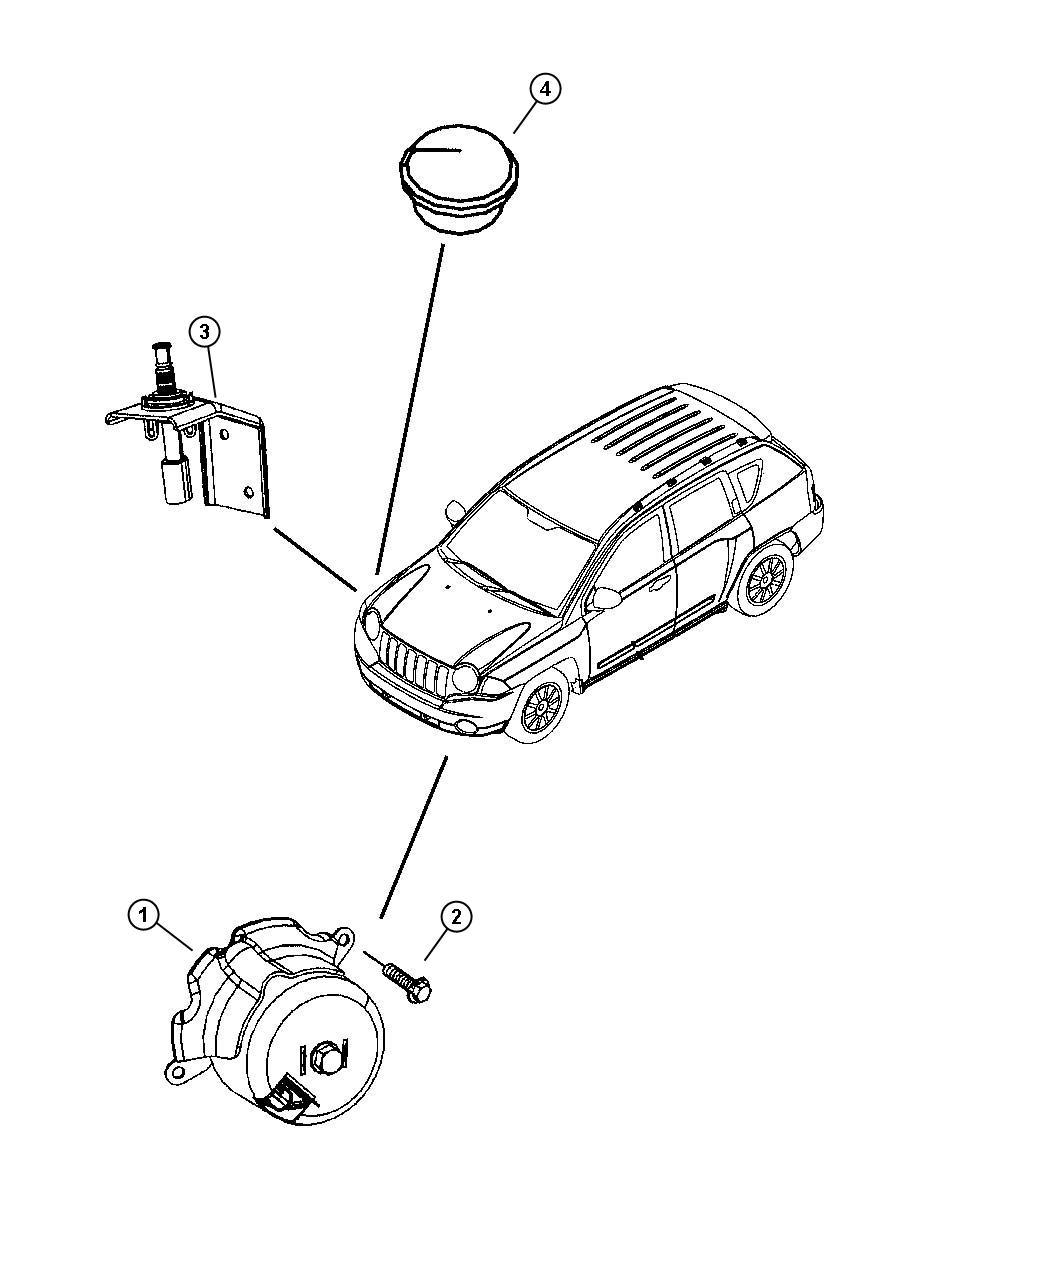 Dodge Caliber Siren Alarm Premium Security Alarm